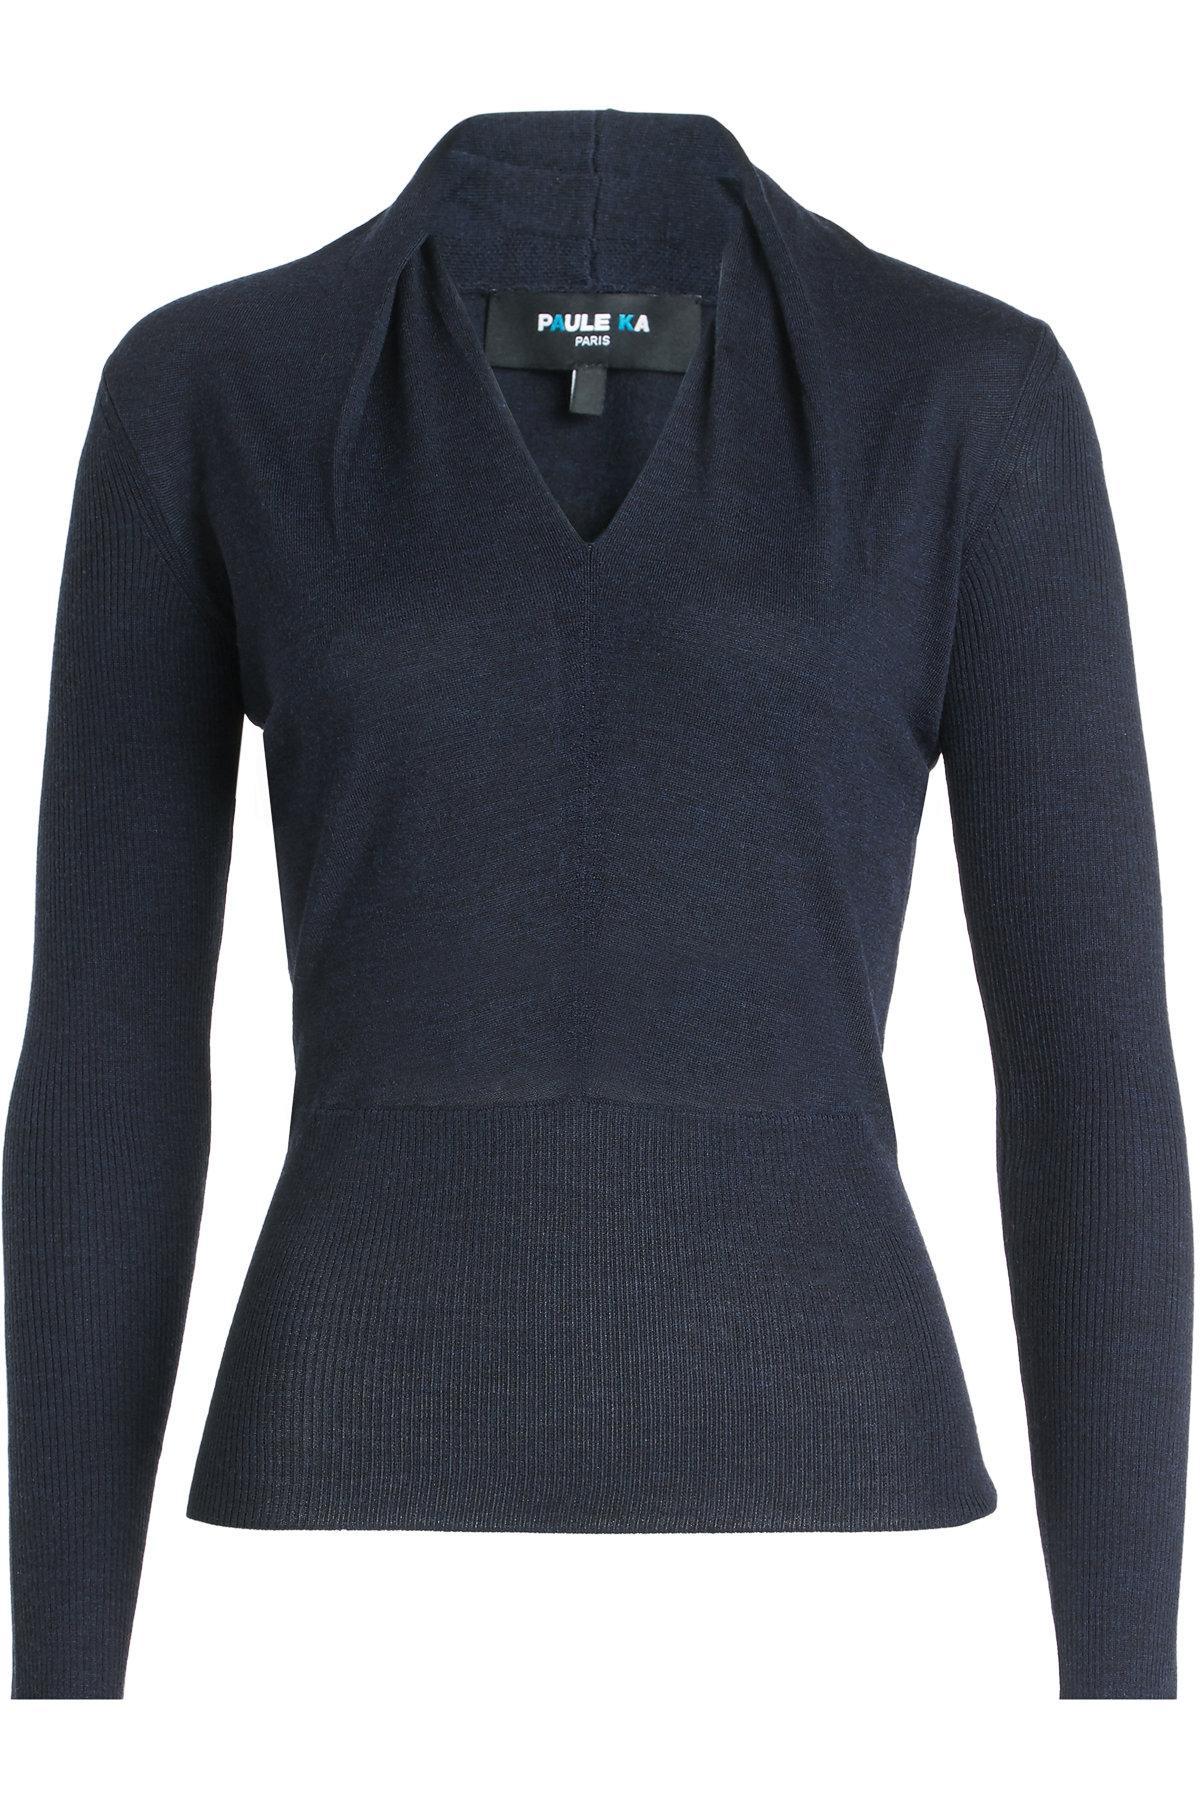 Paule Ka Wool Pullover In Blue